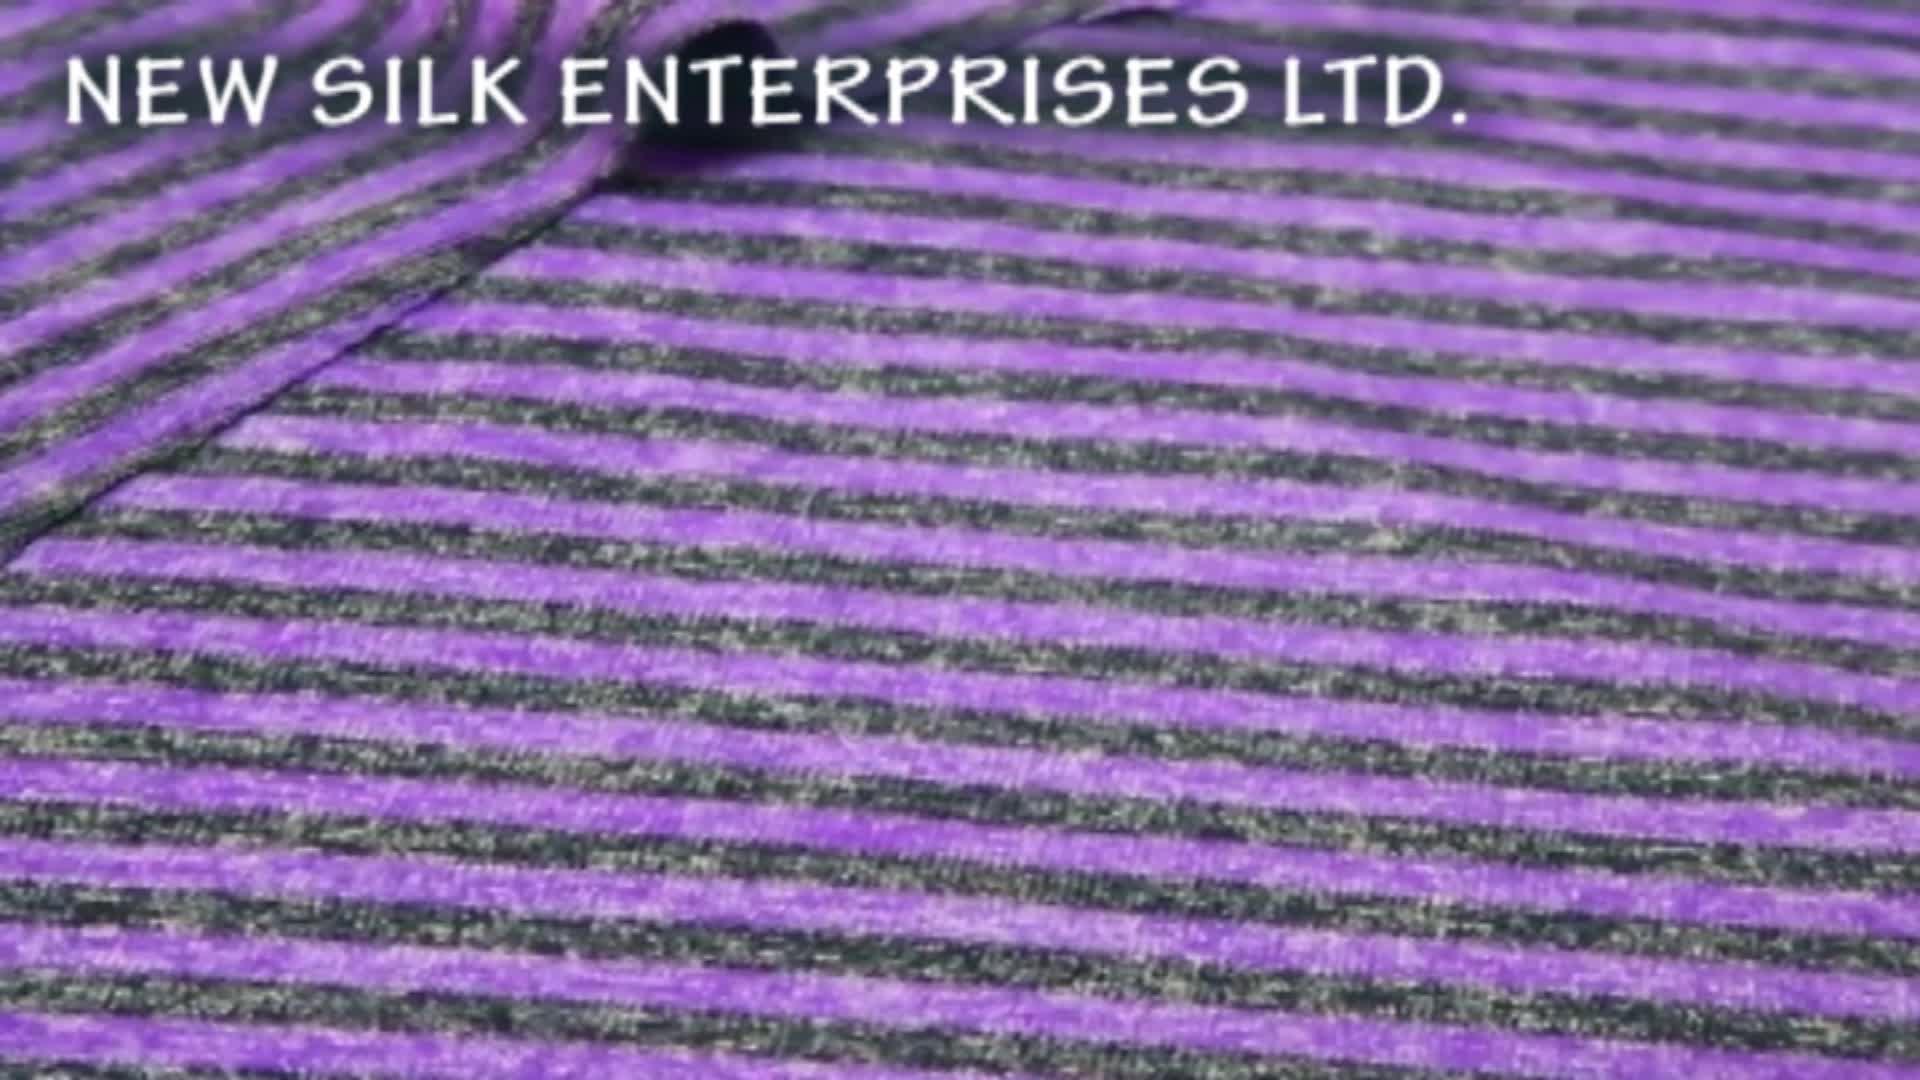 Yarn dyed blend microfiber stripe single jersey shiny polyamide spandex knit polyester nylon fabric